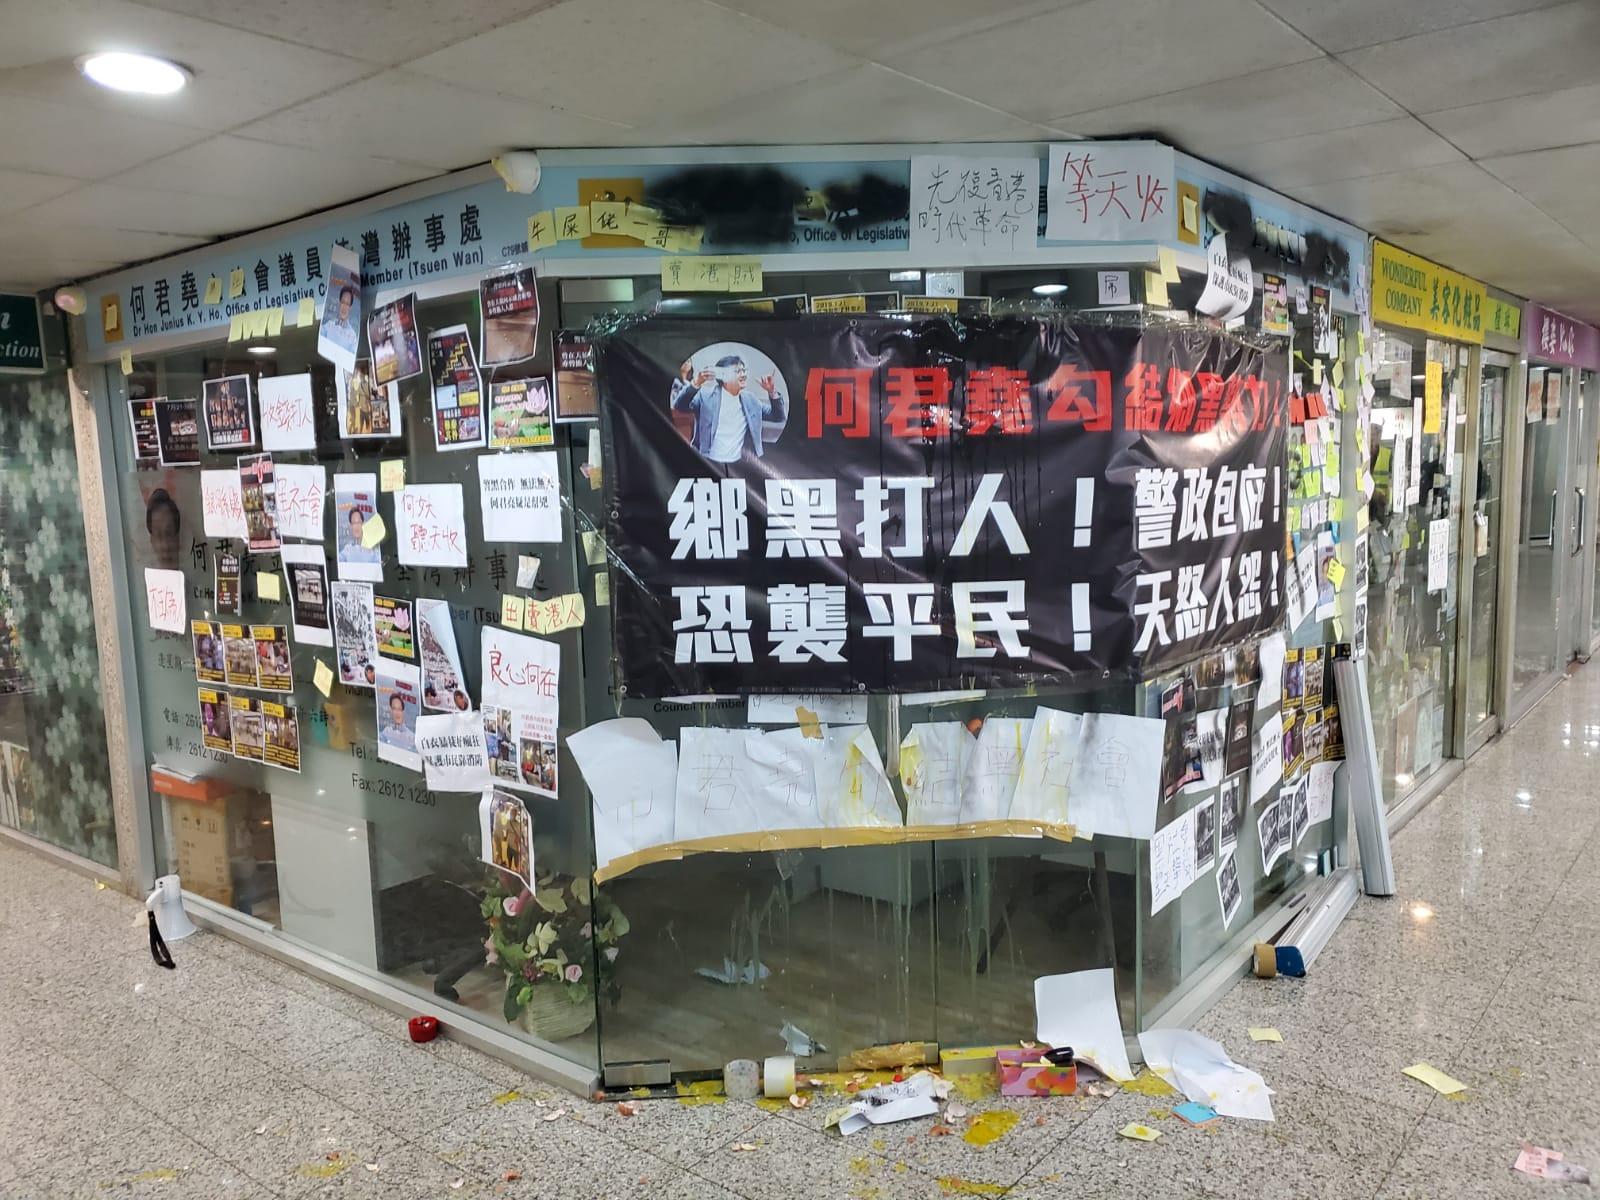 辦事處外牆被貼滿標語。